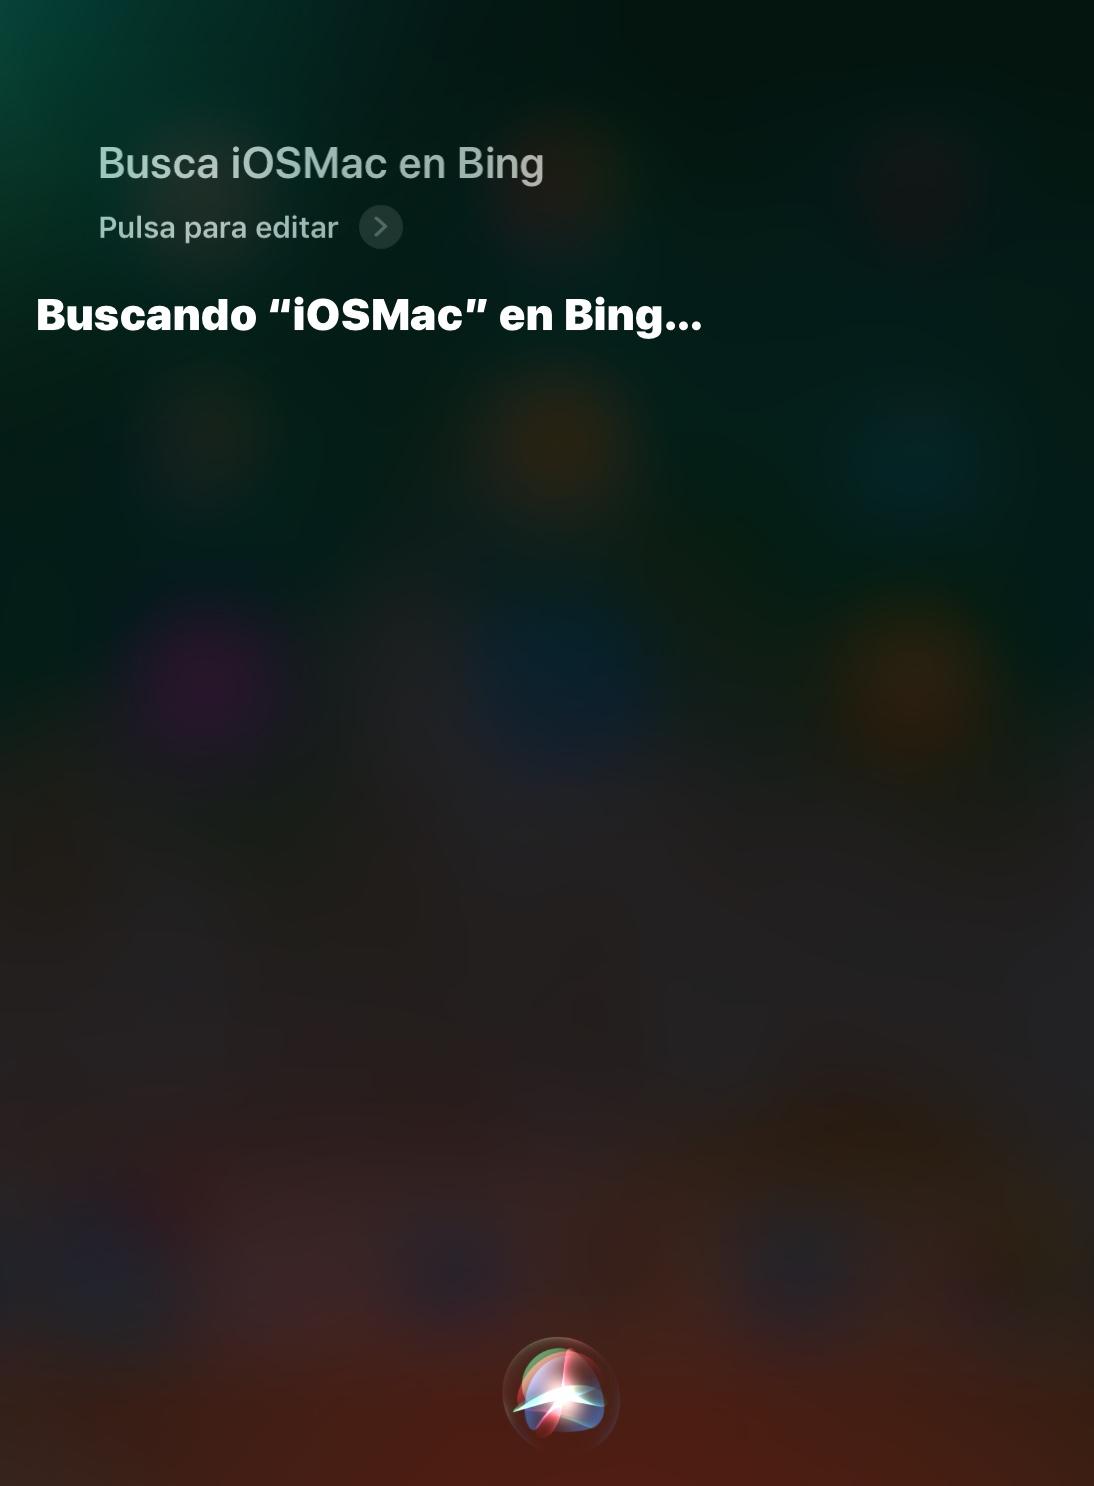 Buscar en Bing con Siri